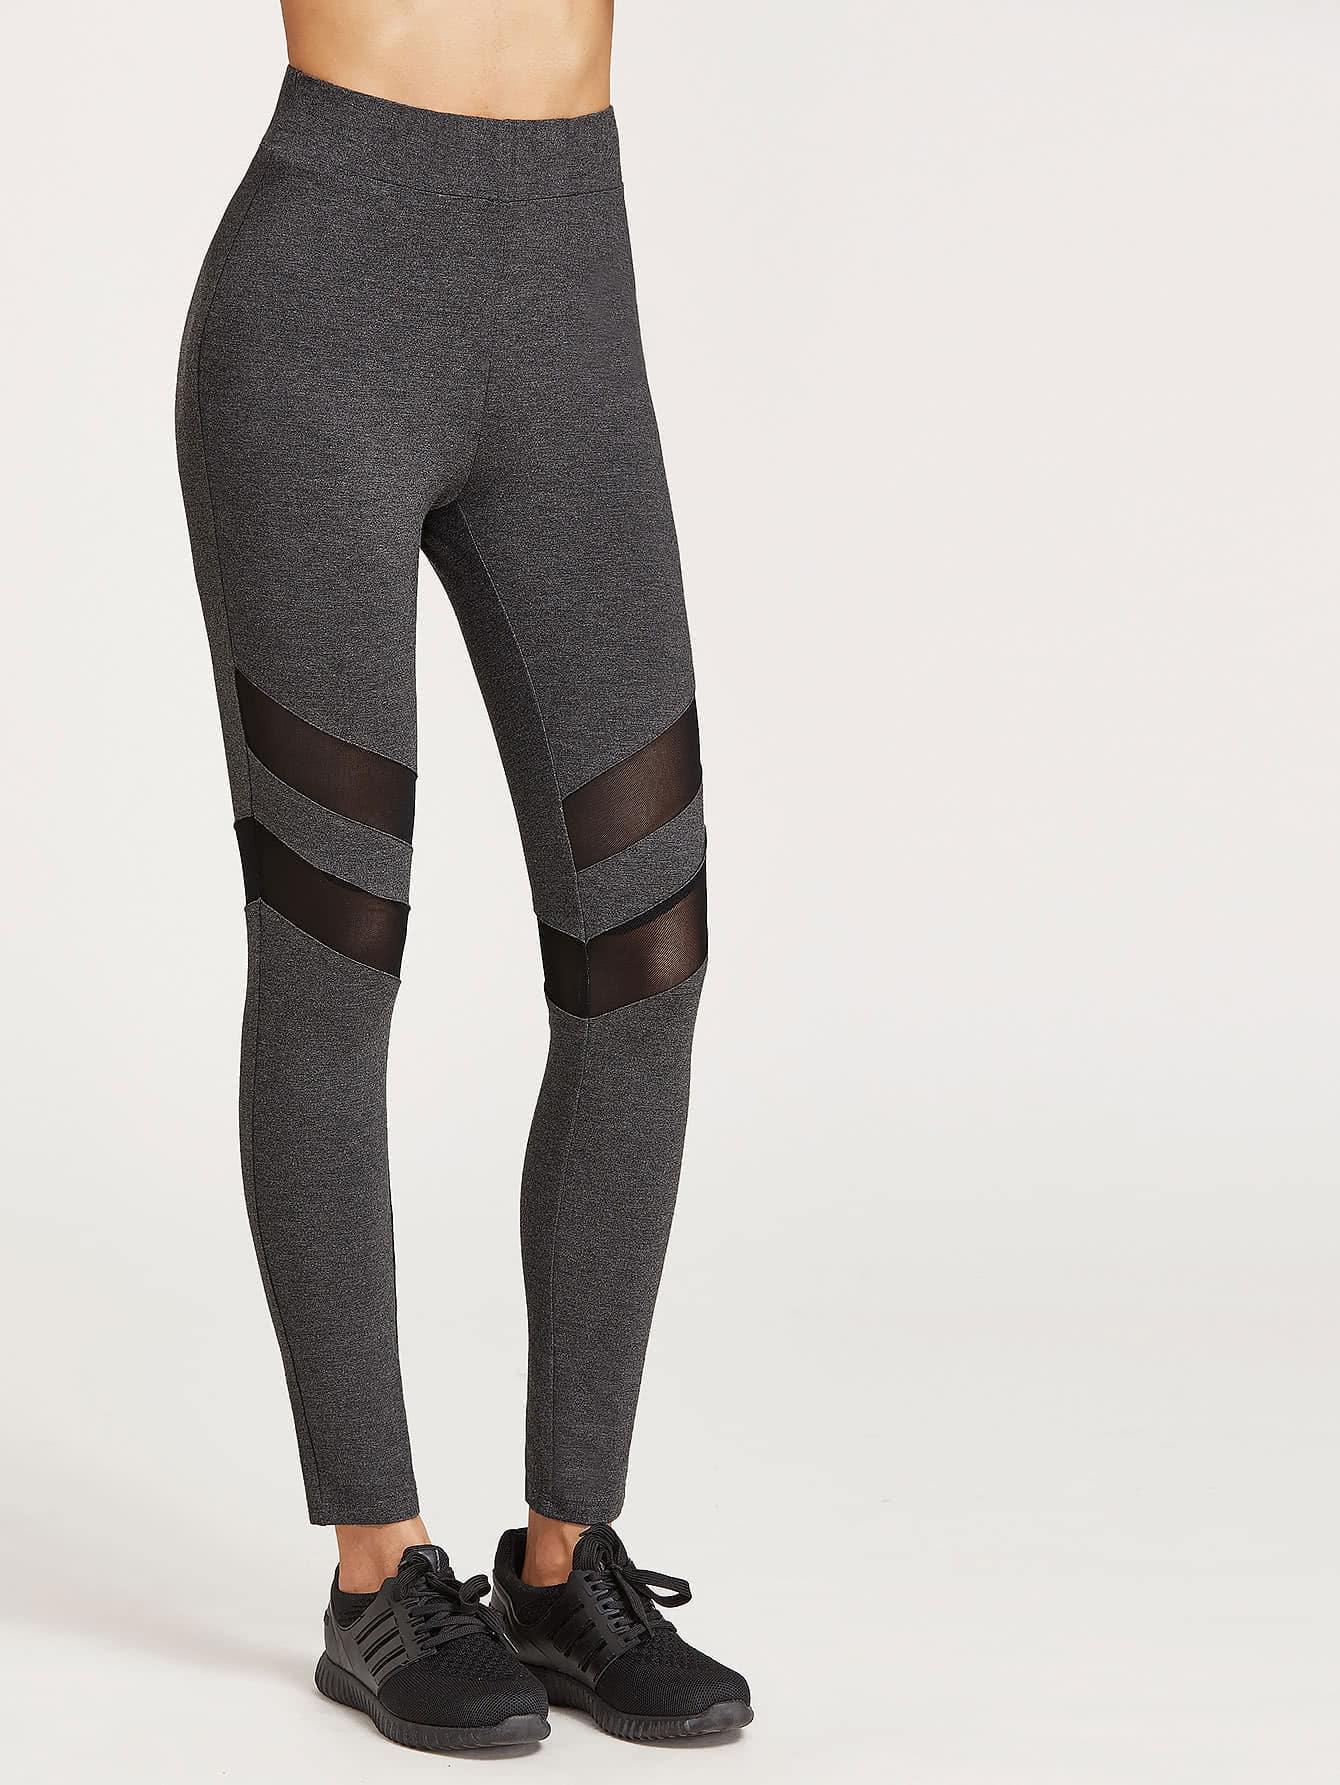 High Waist Leggings With Mesh Panel Detail leggings161228704